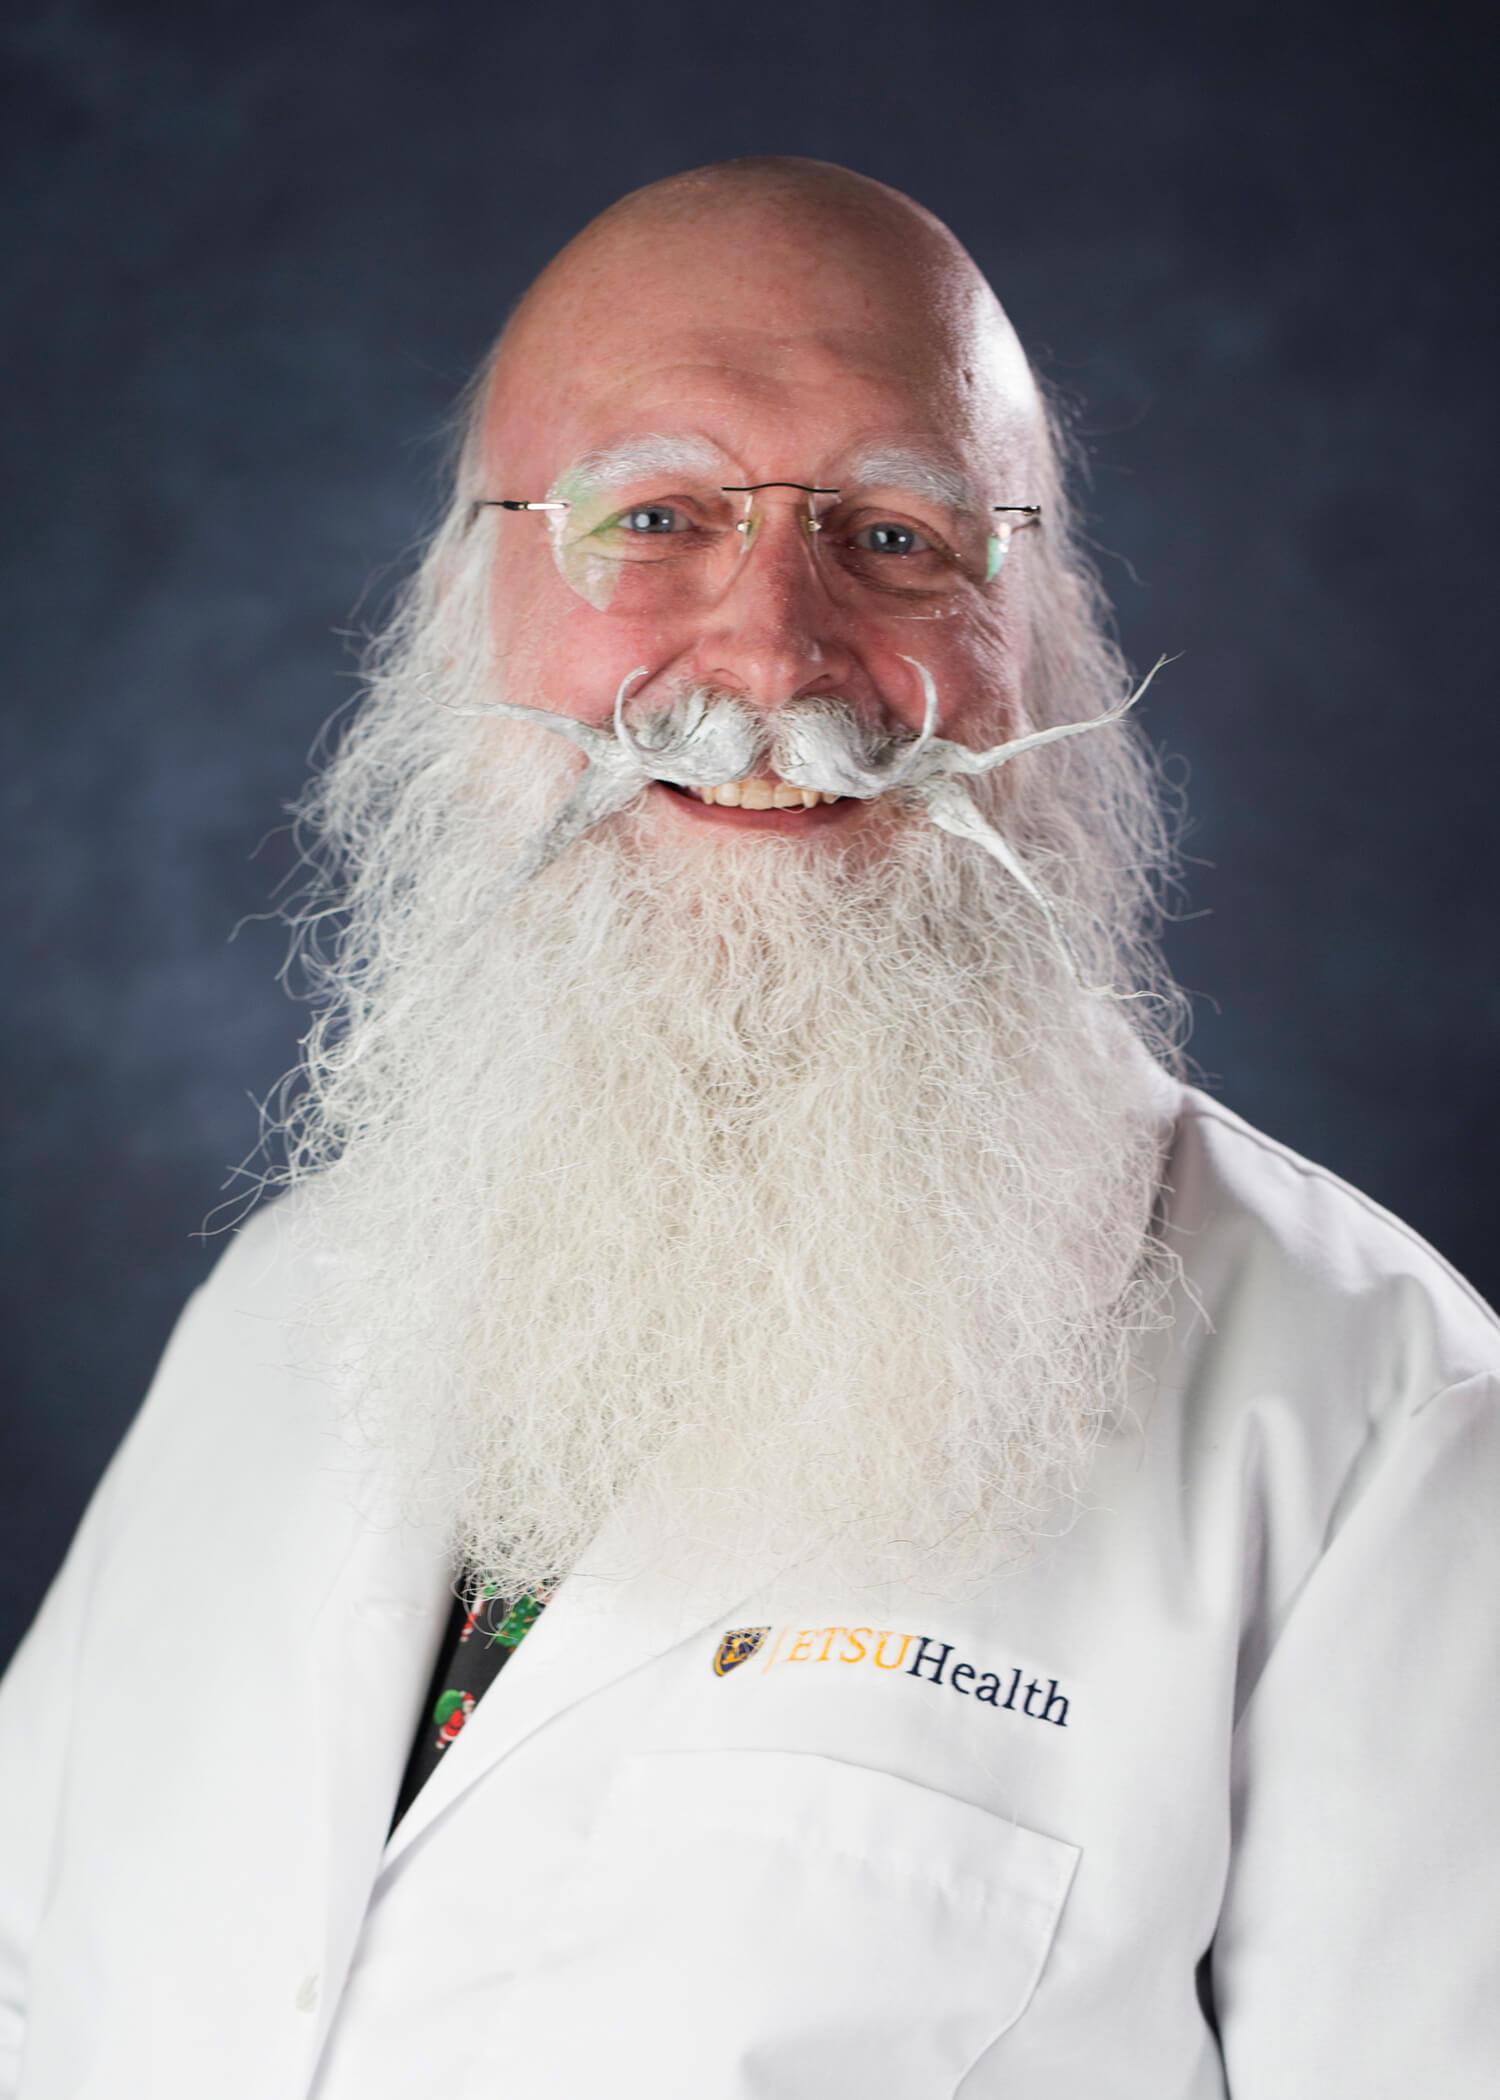 Photo of John Culp, M.D.